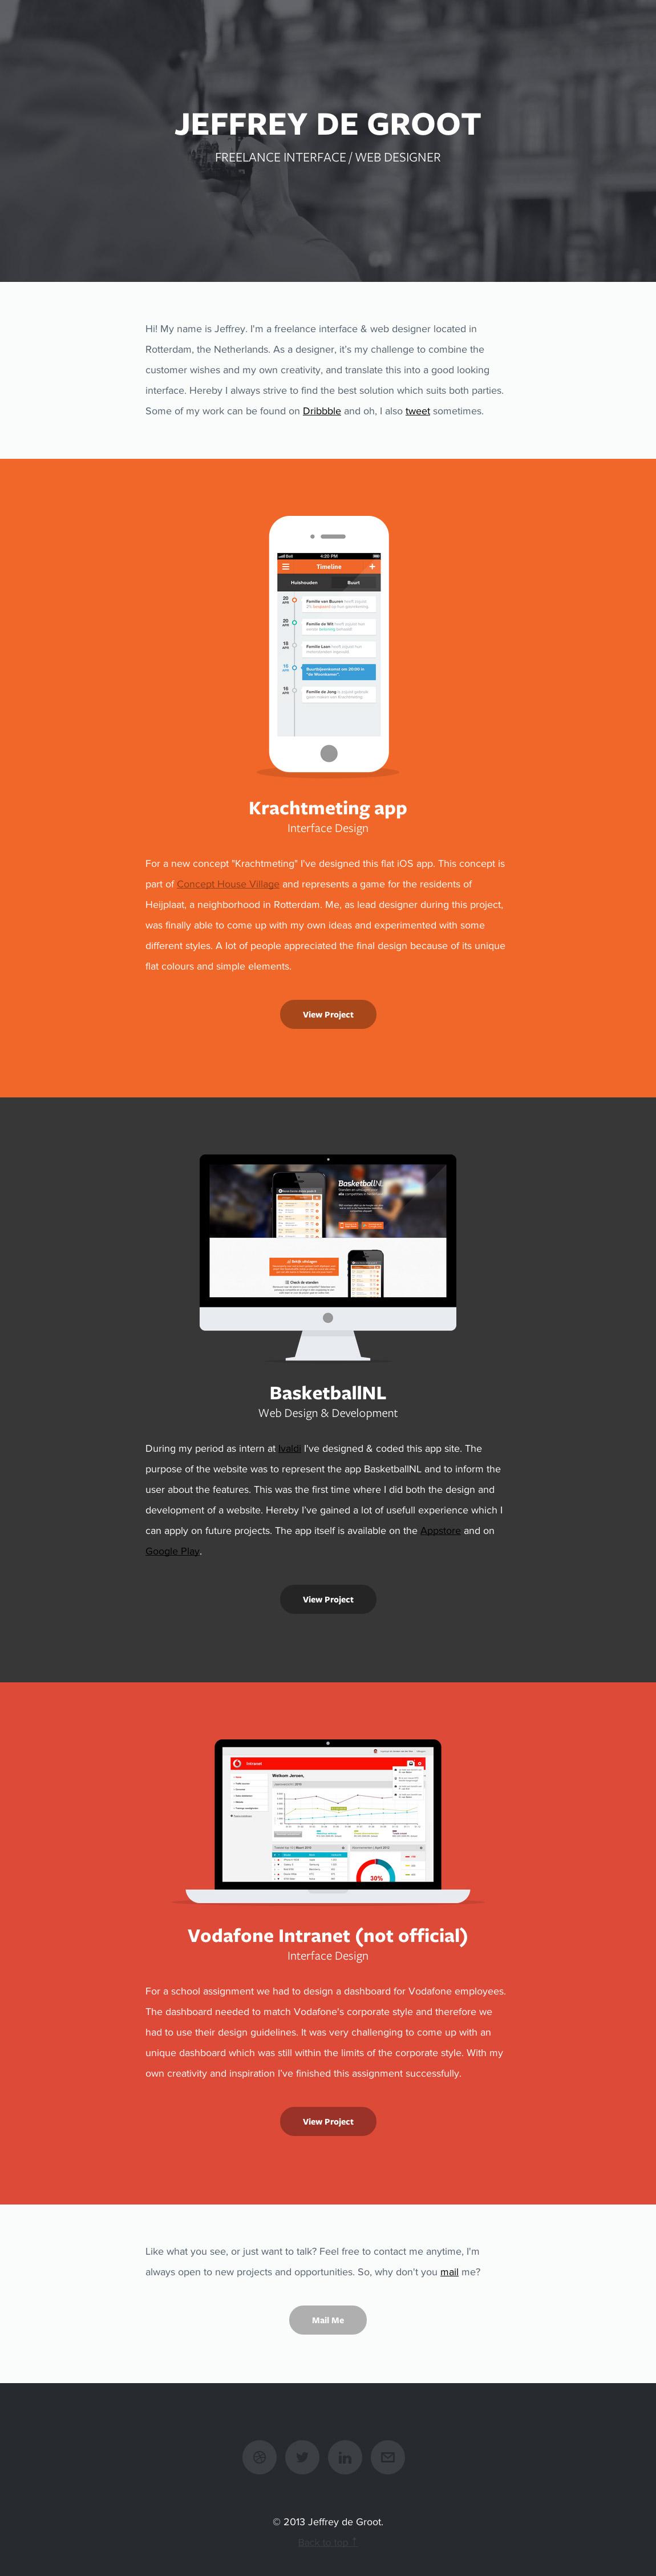 Jeffrey de Groot Website Screenshot